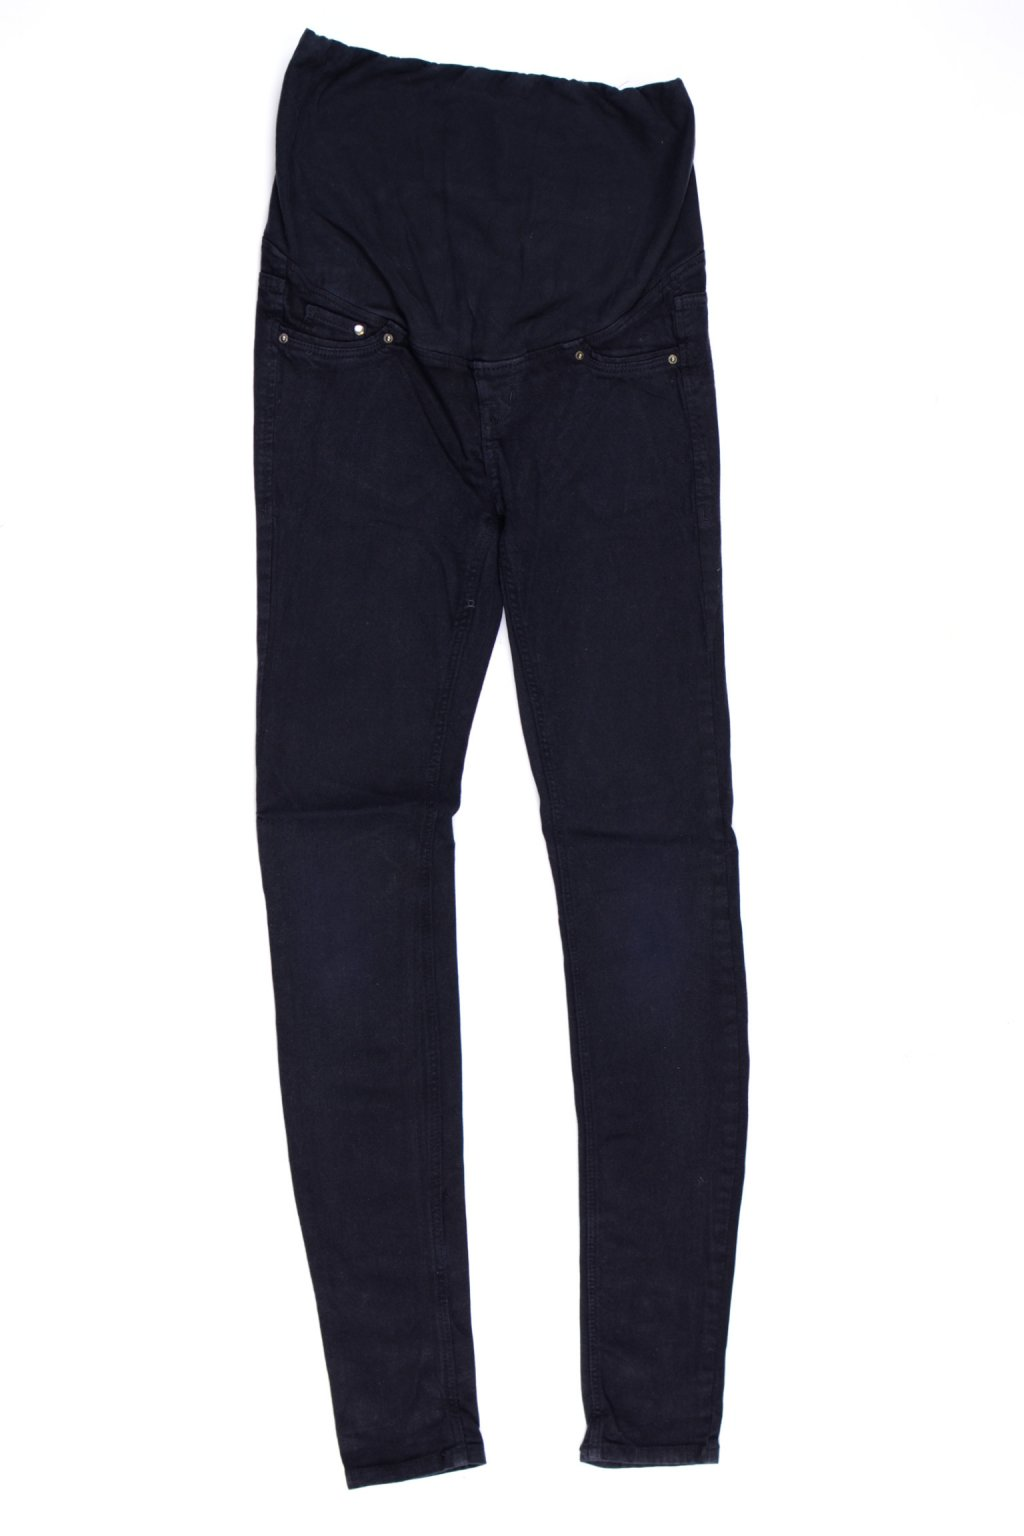 Kalhoty H&M MAMA vel 36 černé těhotenské